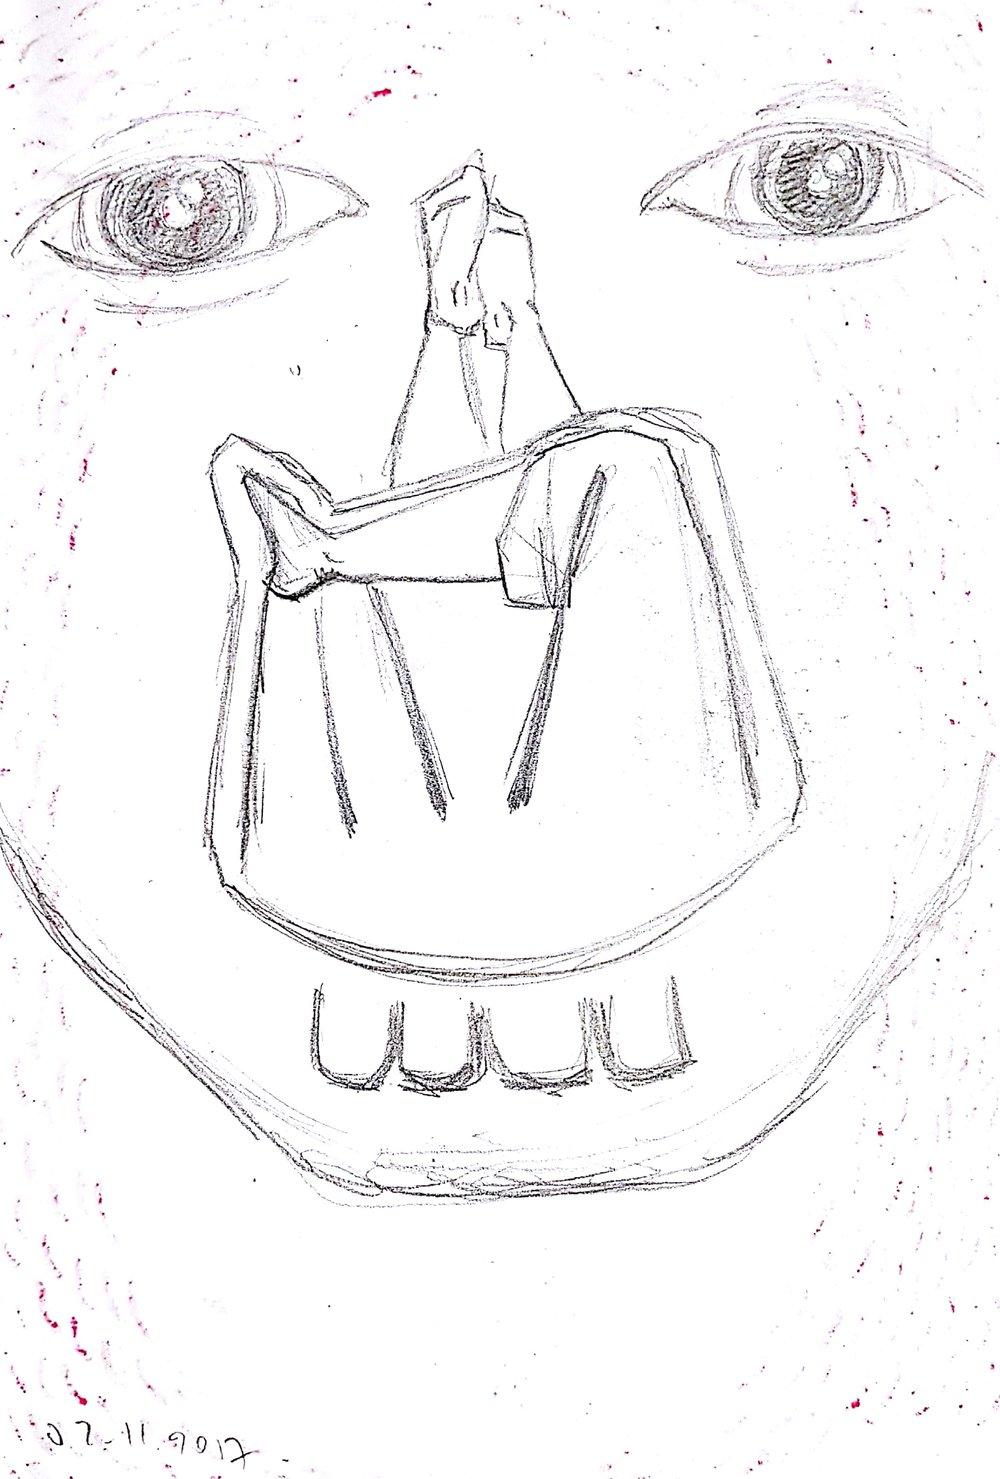 2017-11-02 dessin genoux en plein visage.jpg